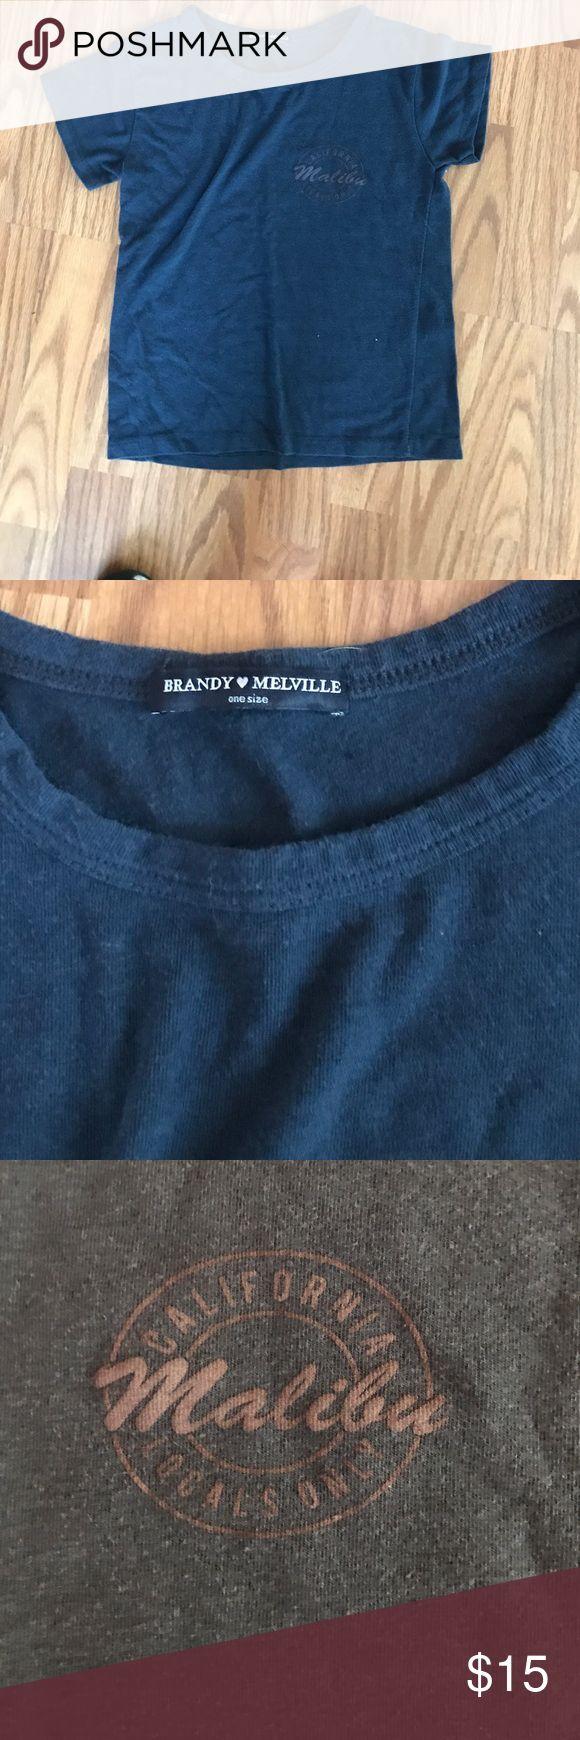 Brandy Melville crop shirt! Malibu brandy Melville shirt never worn Brandy Melville Tops Crop Tops